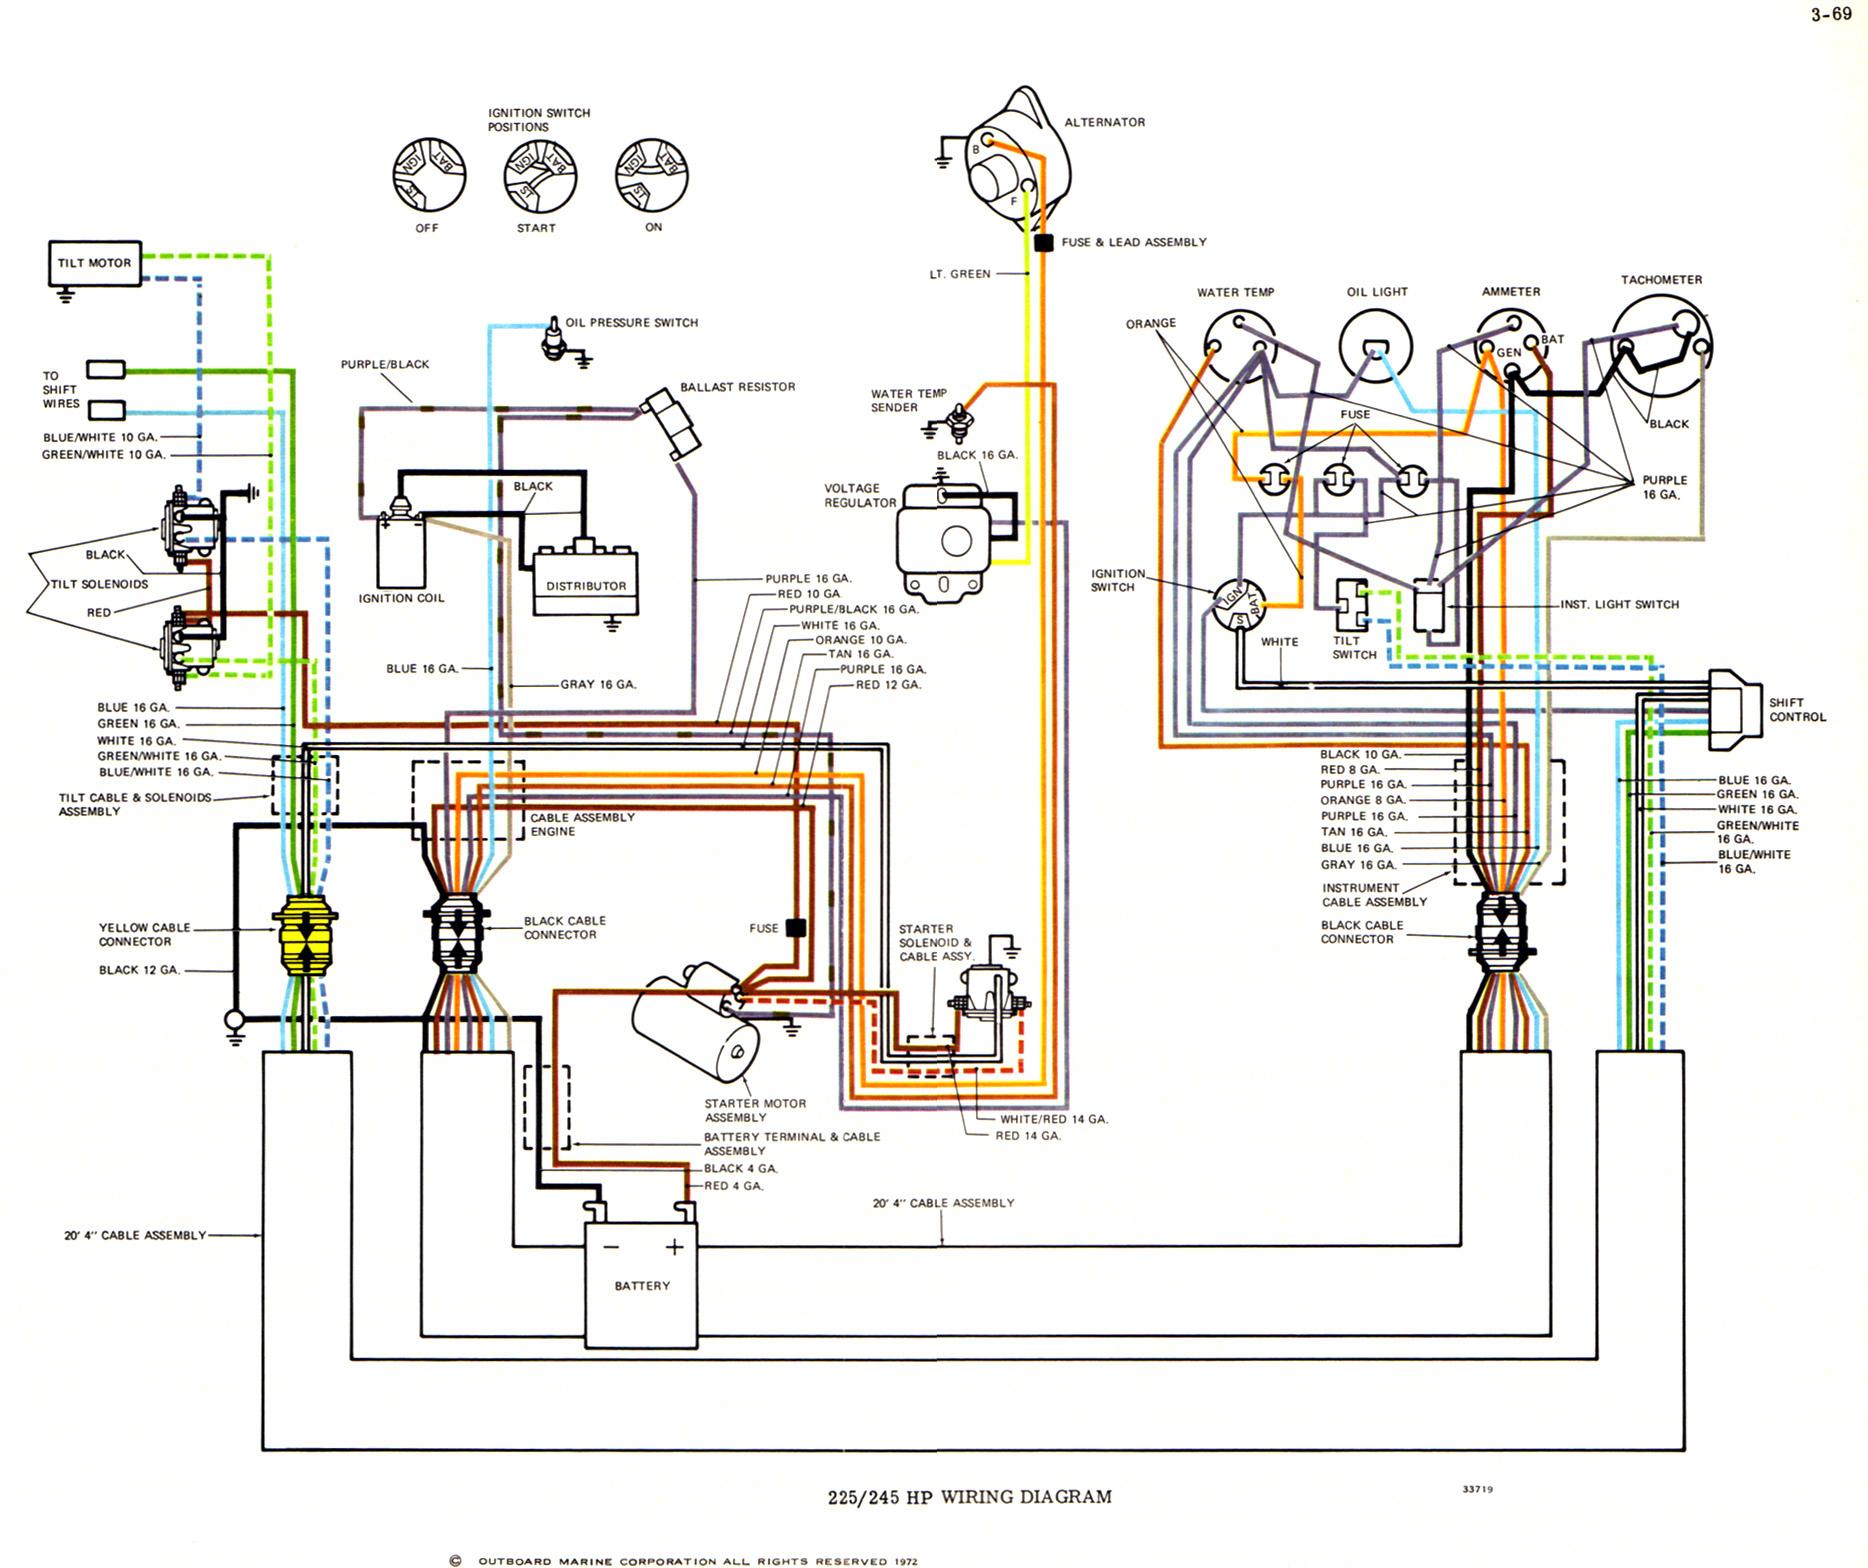 Suzuki Boat Wiring Harness Diagram | Wiring Diagram - Evinrude Wiring Harness Diagram